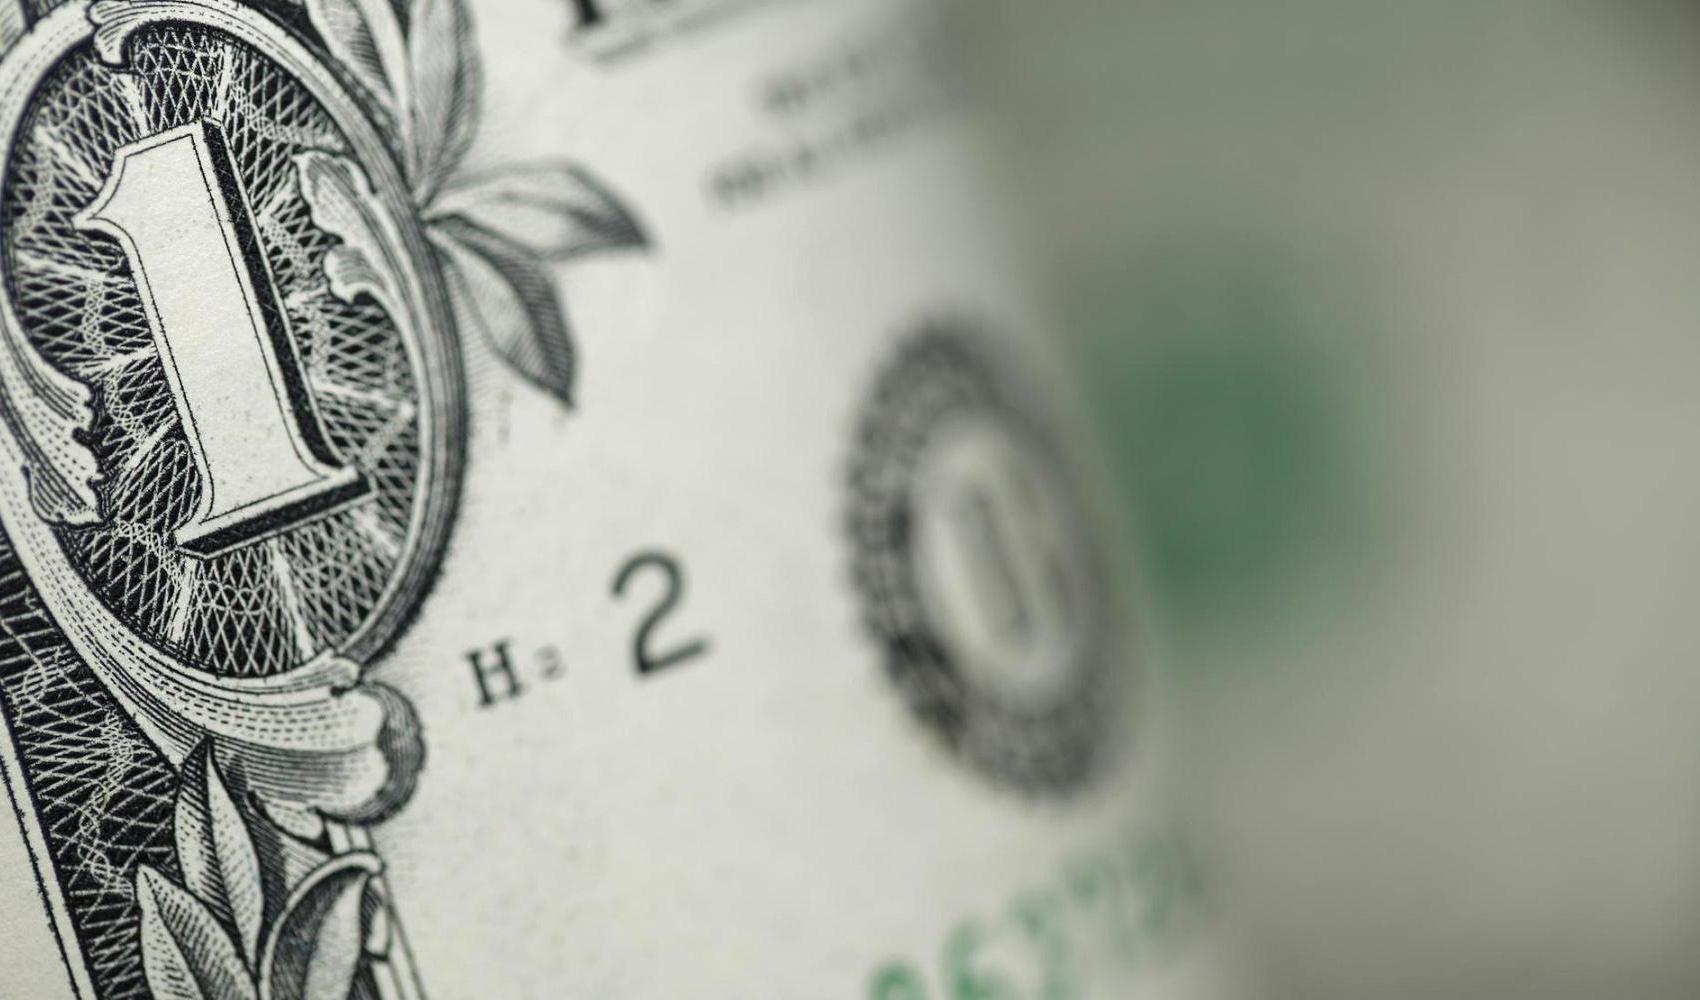 خرید و فروش ارز نیمایی آسانتر شد